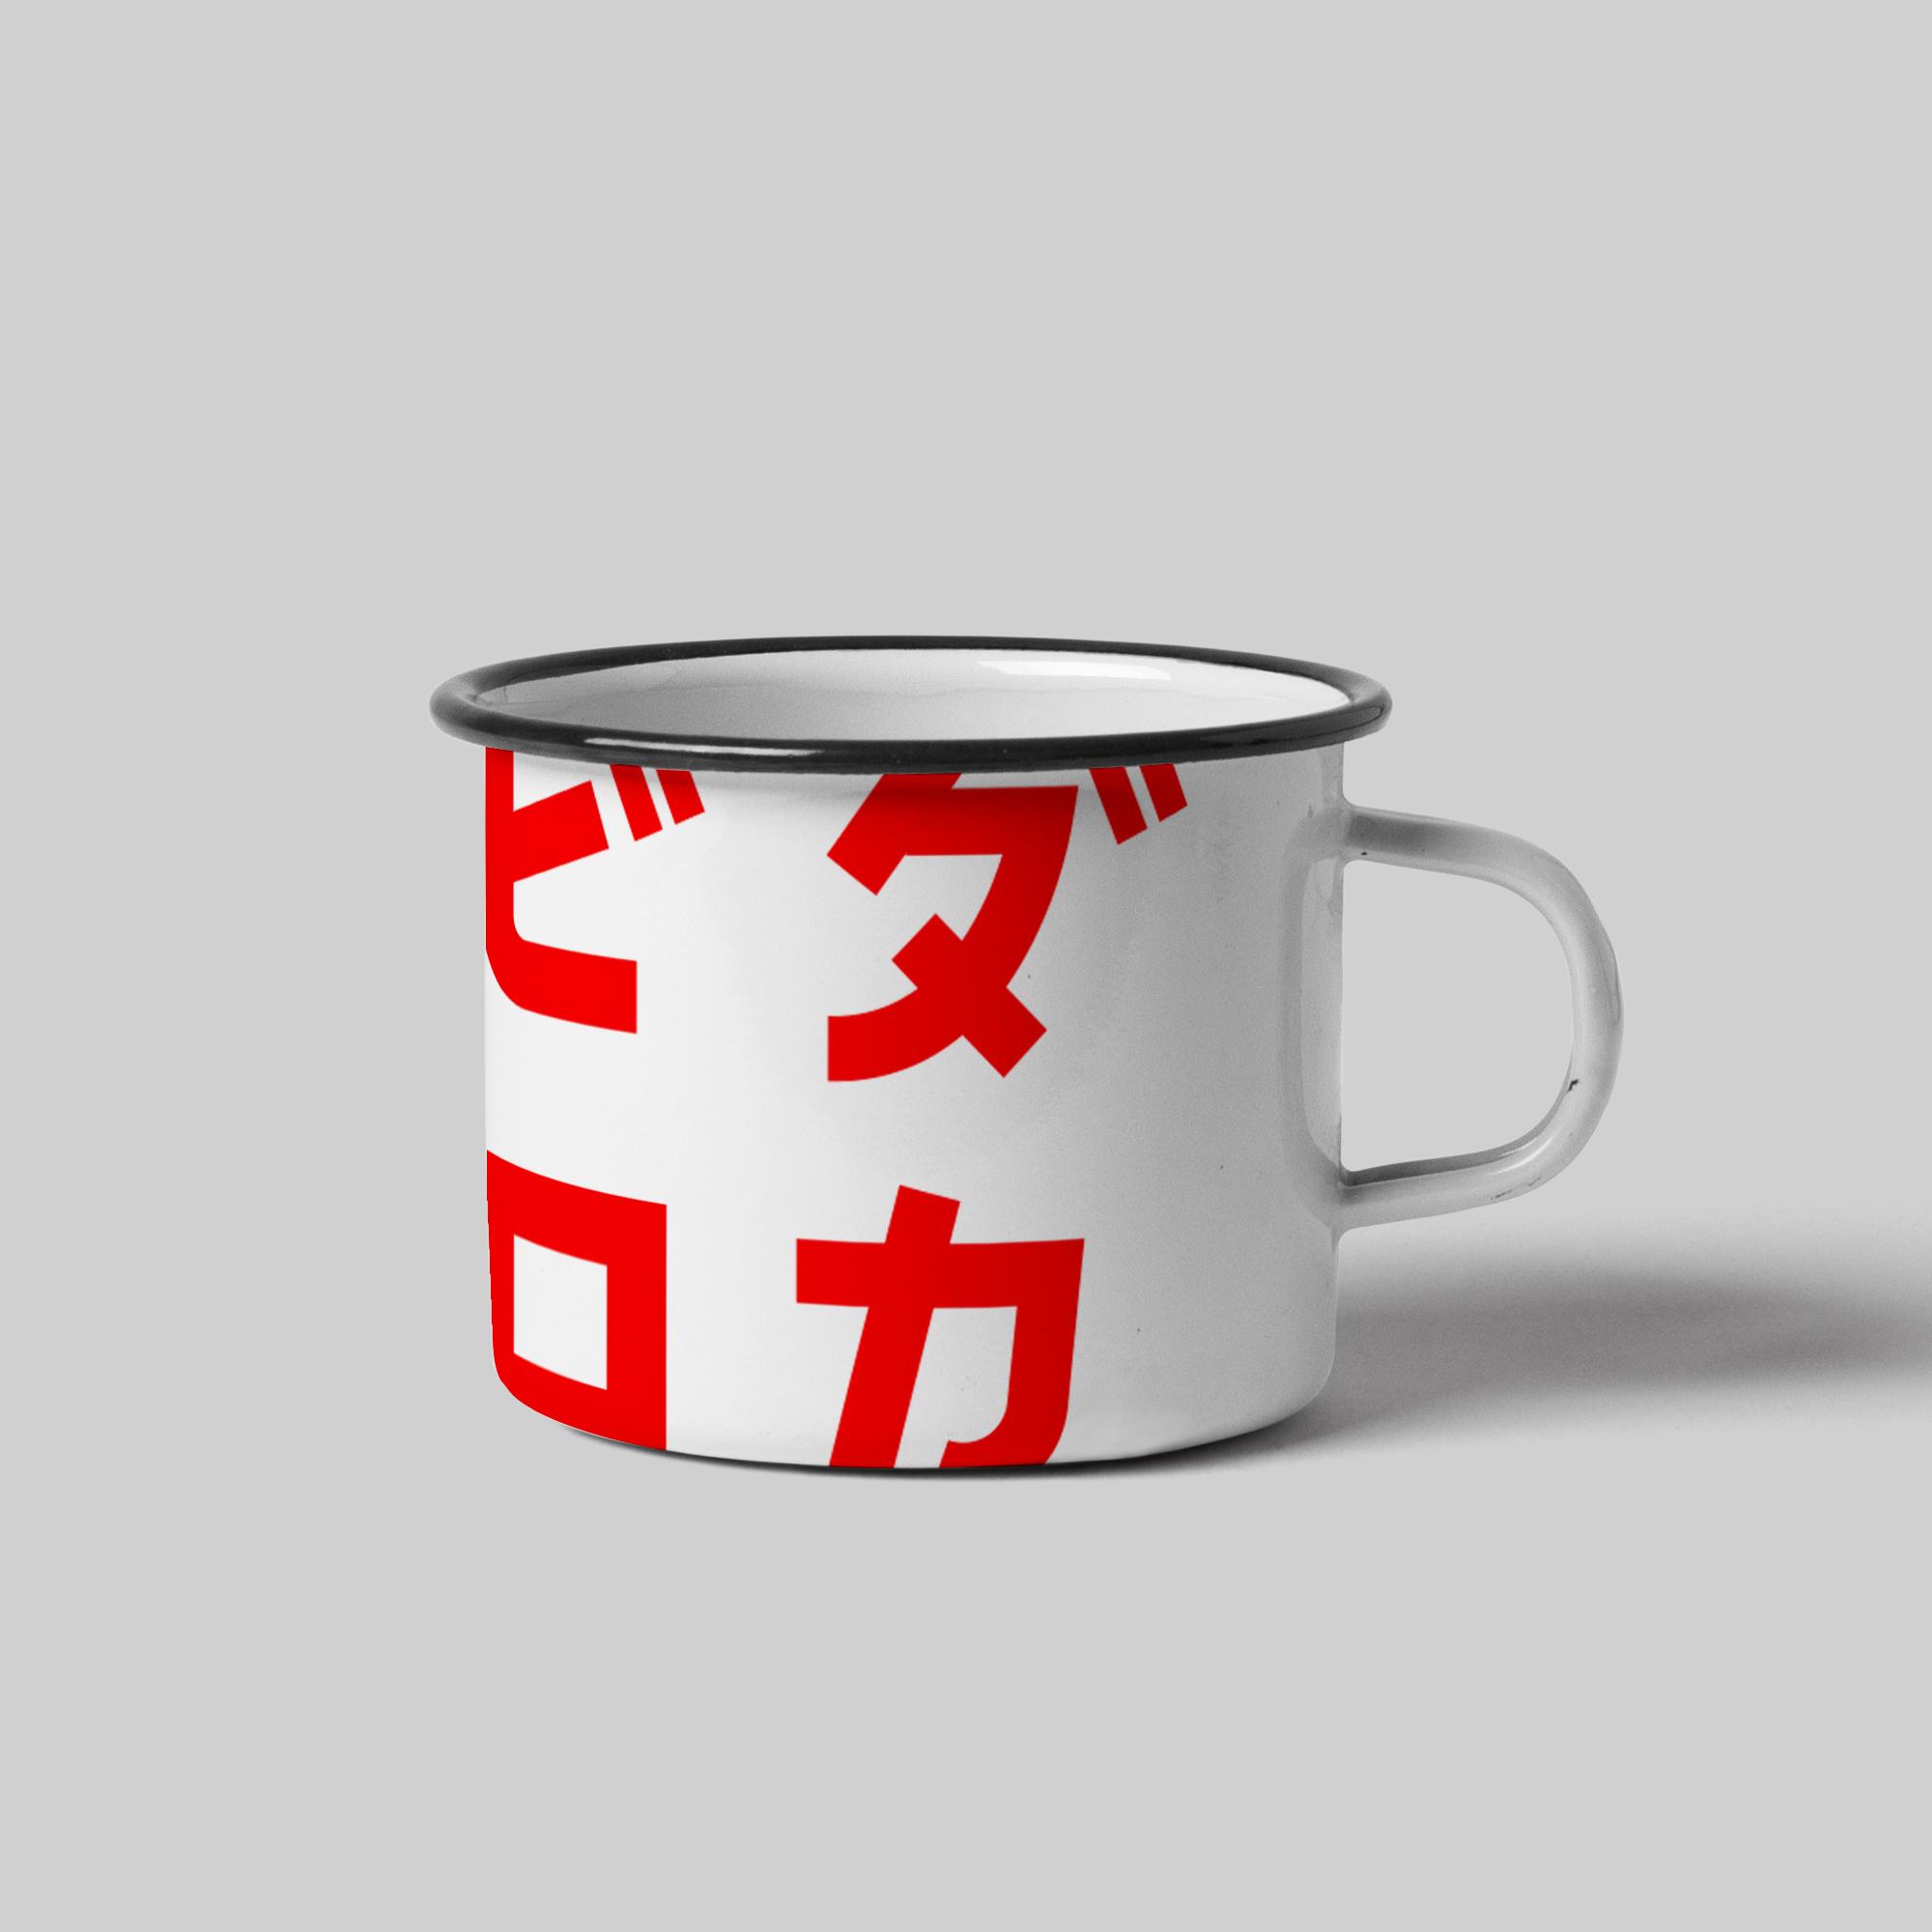 mug_0001_2.jpg